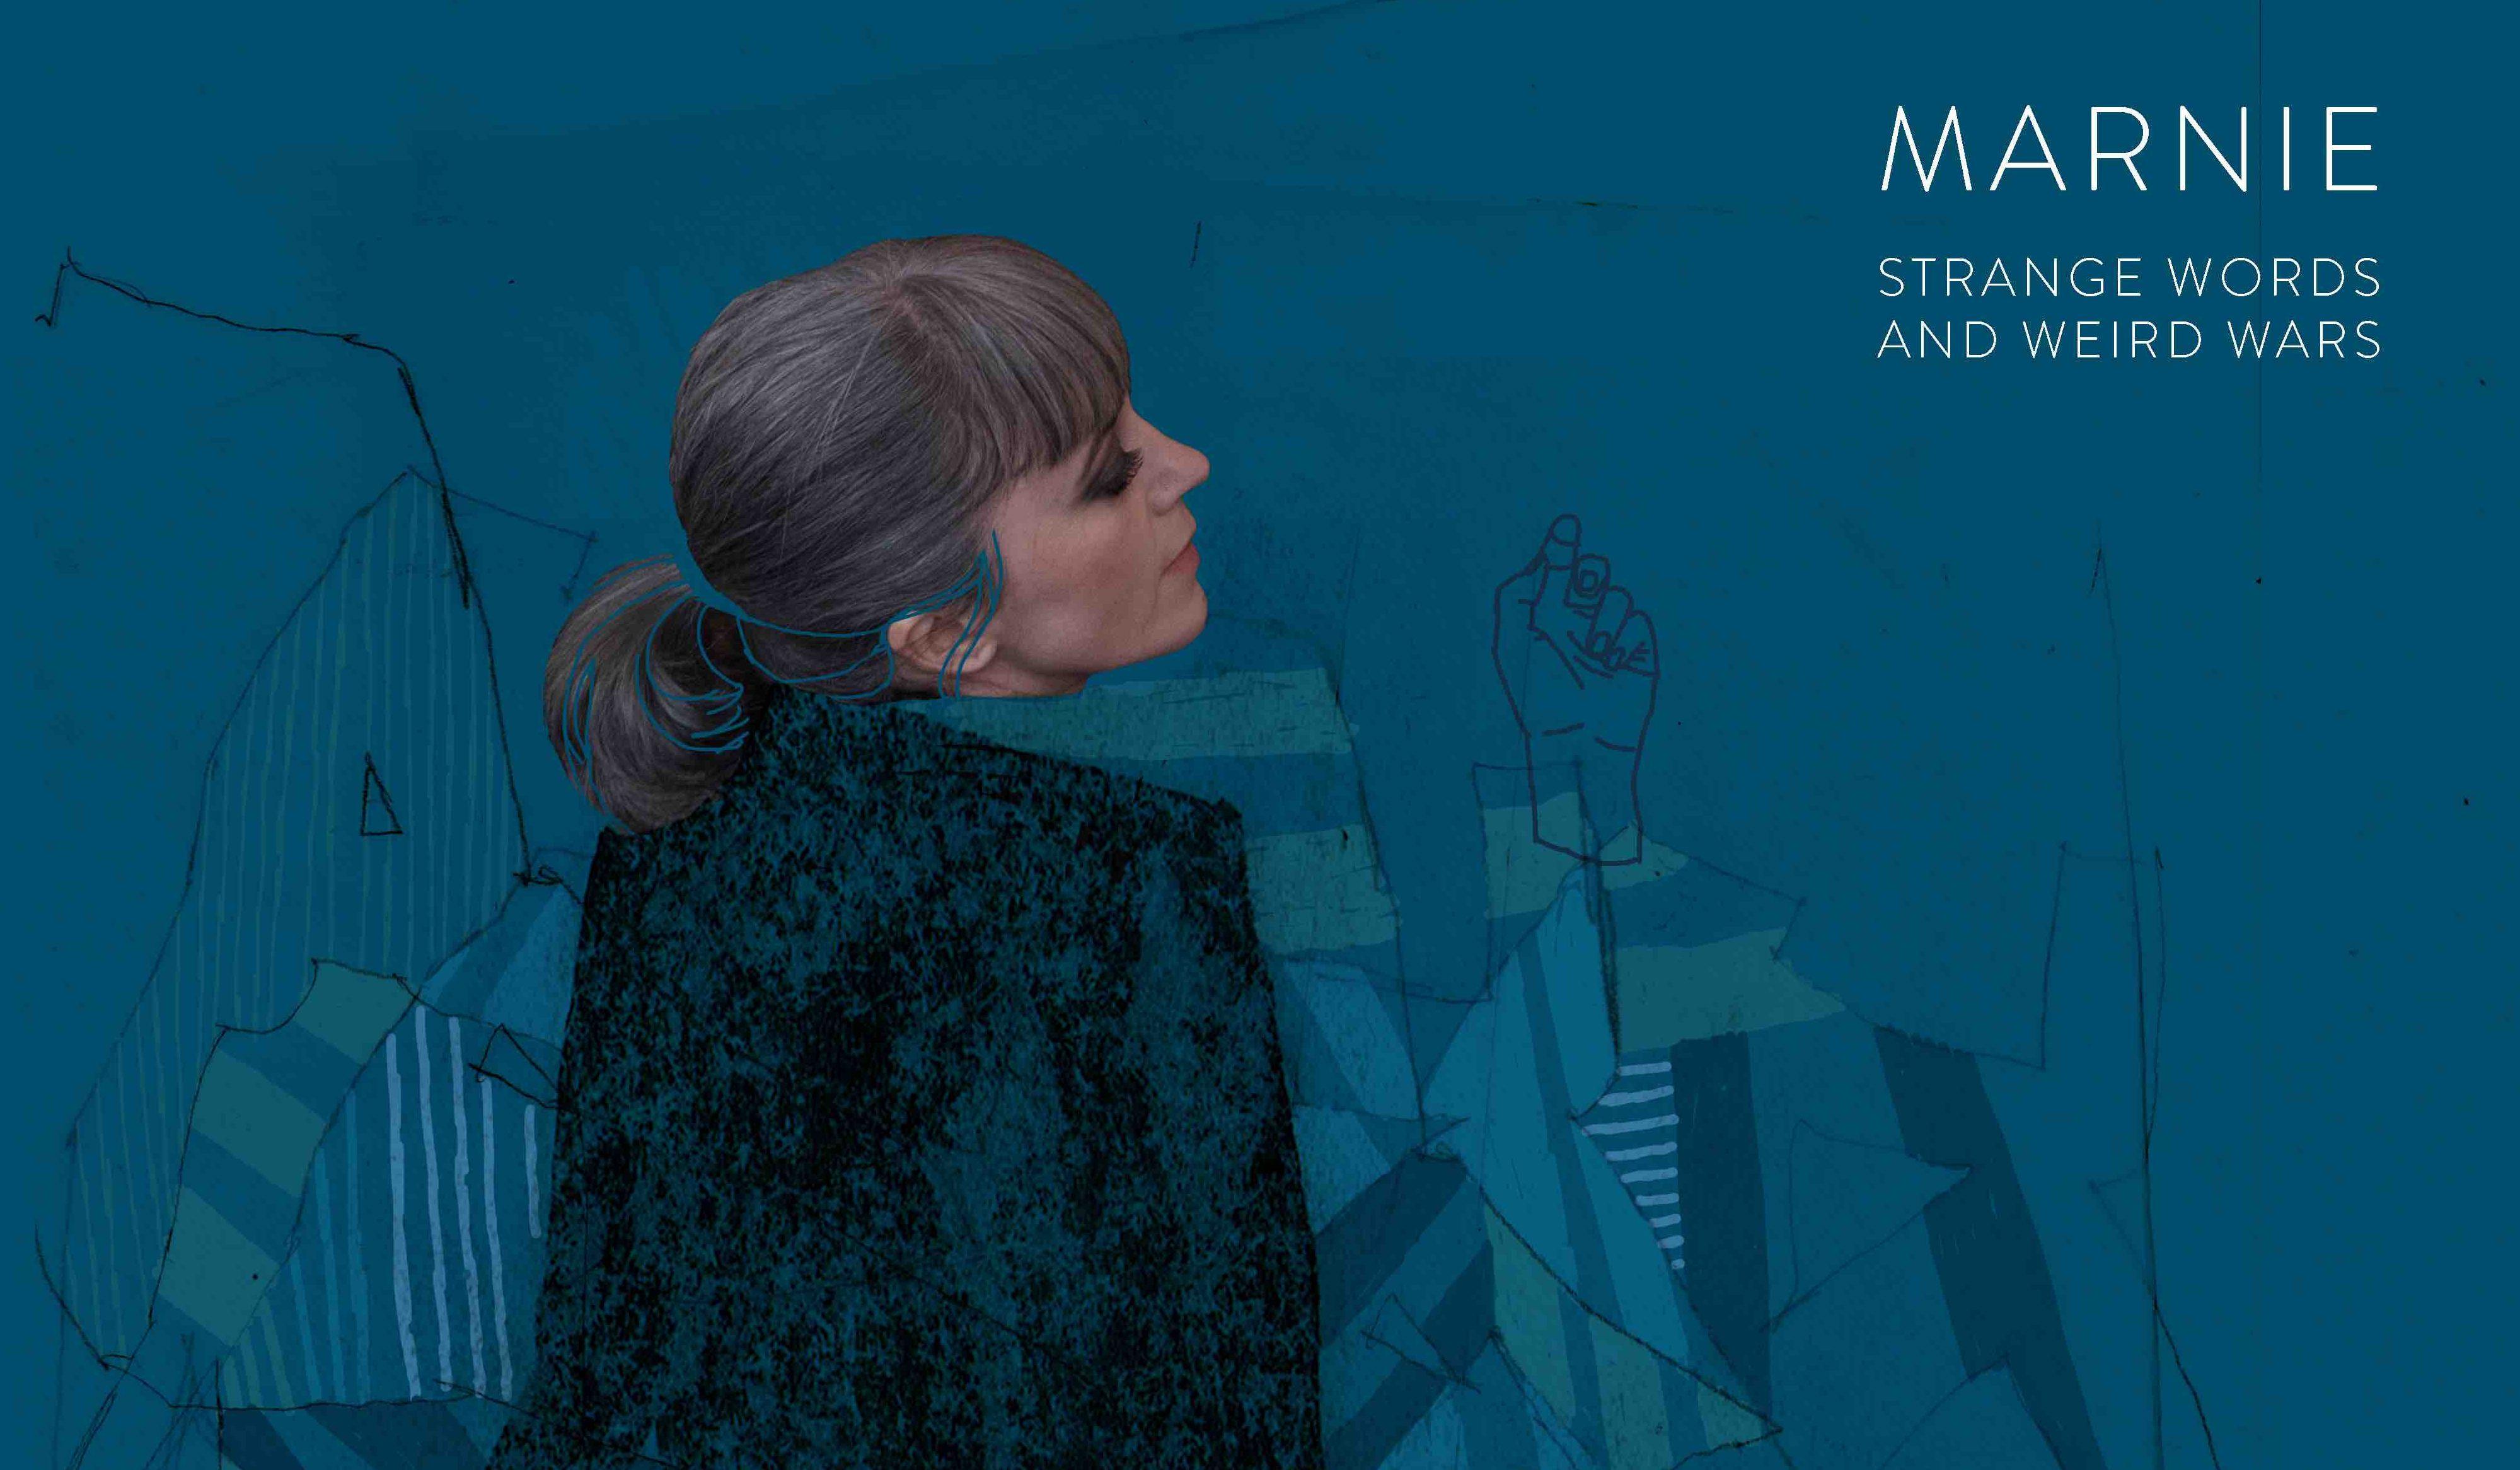 Marnie Strange Words And Weird Wars Album artwork